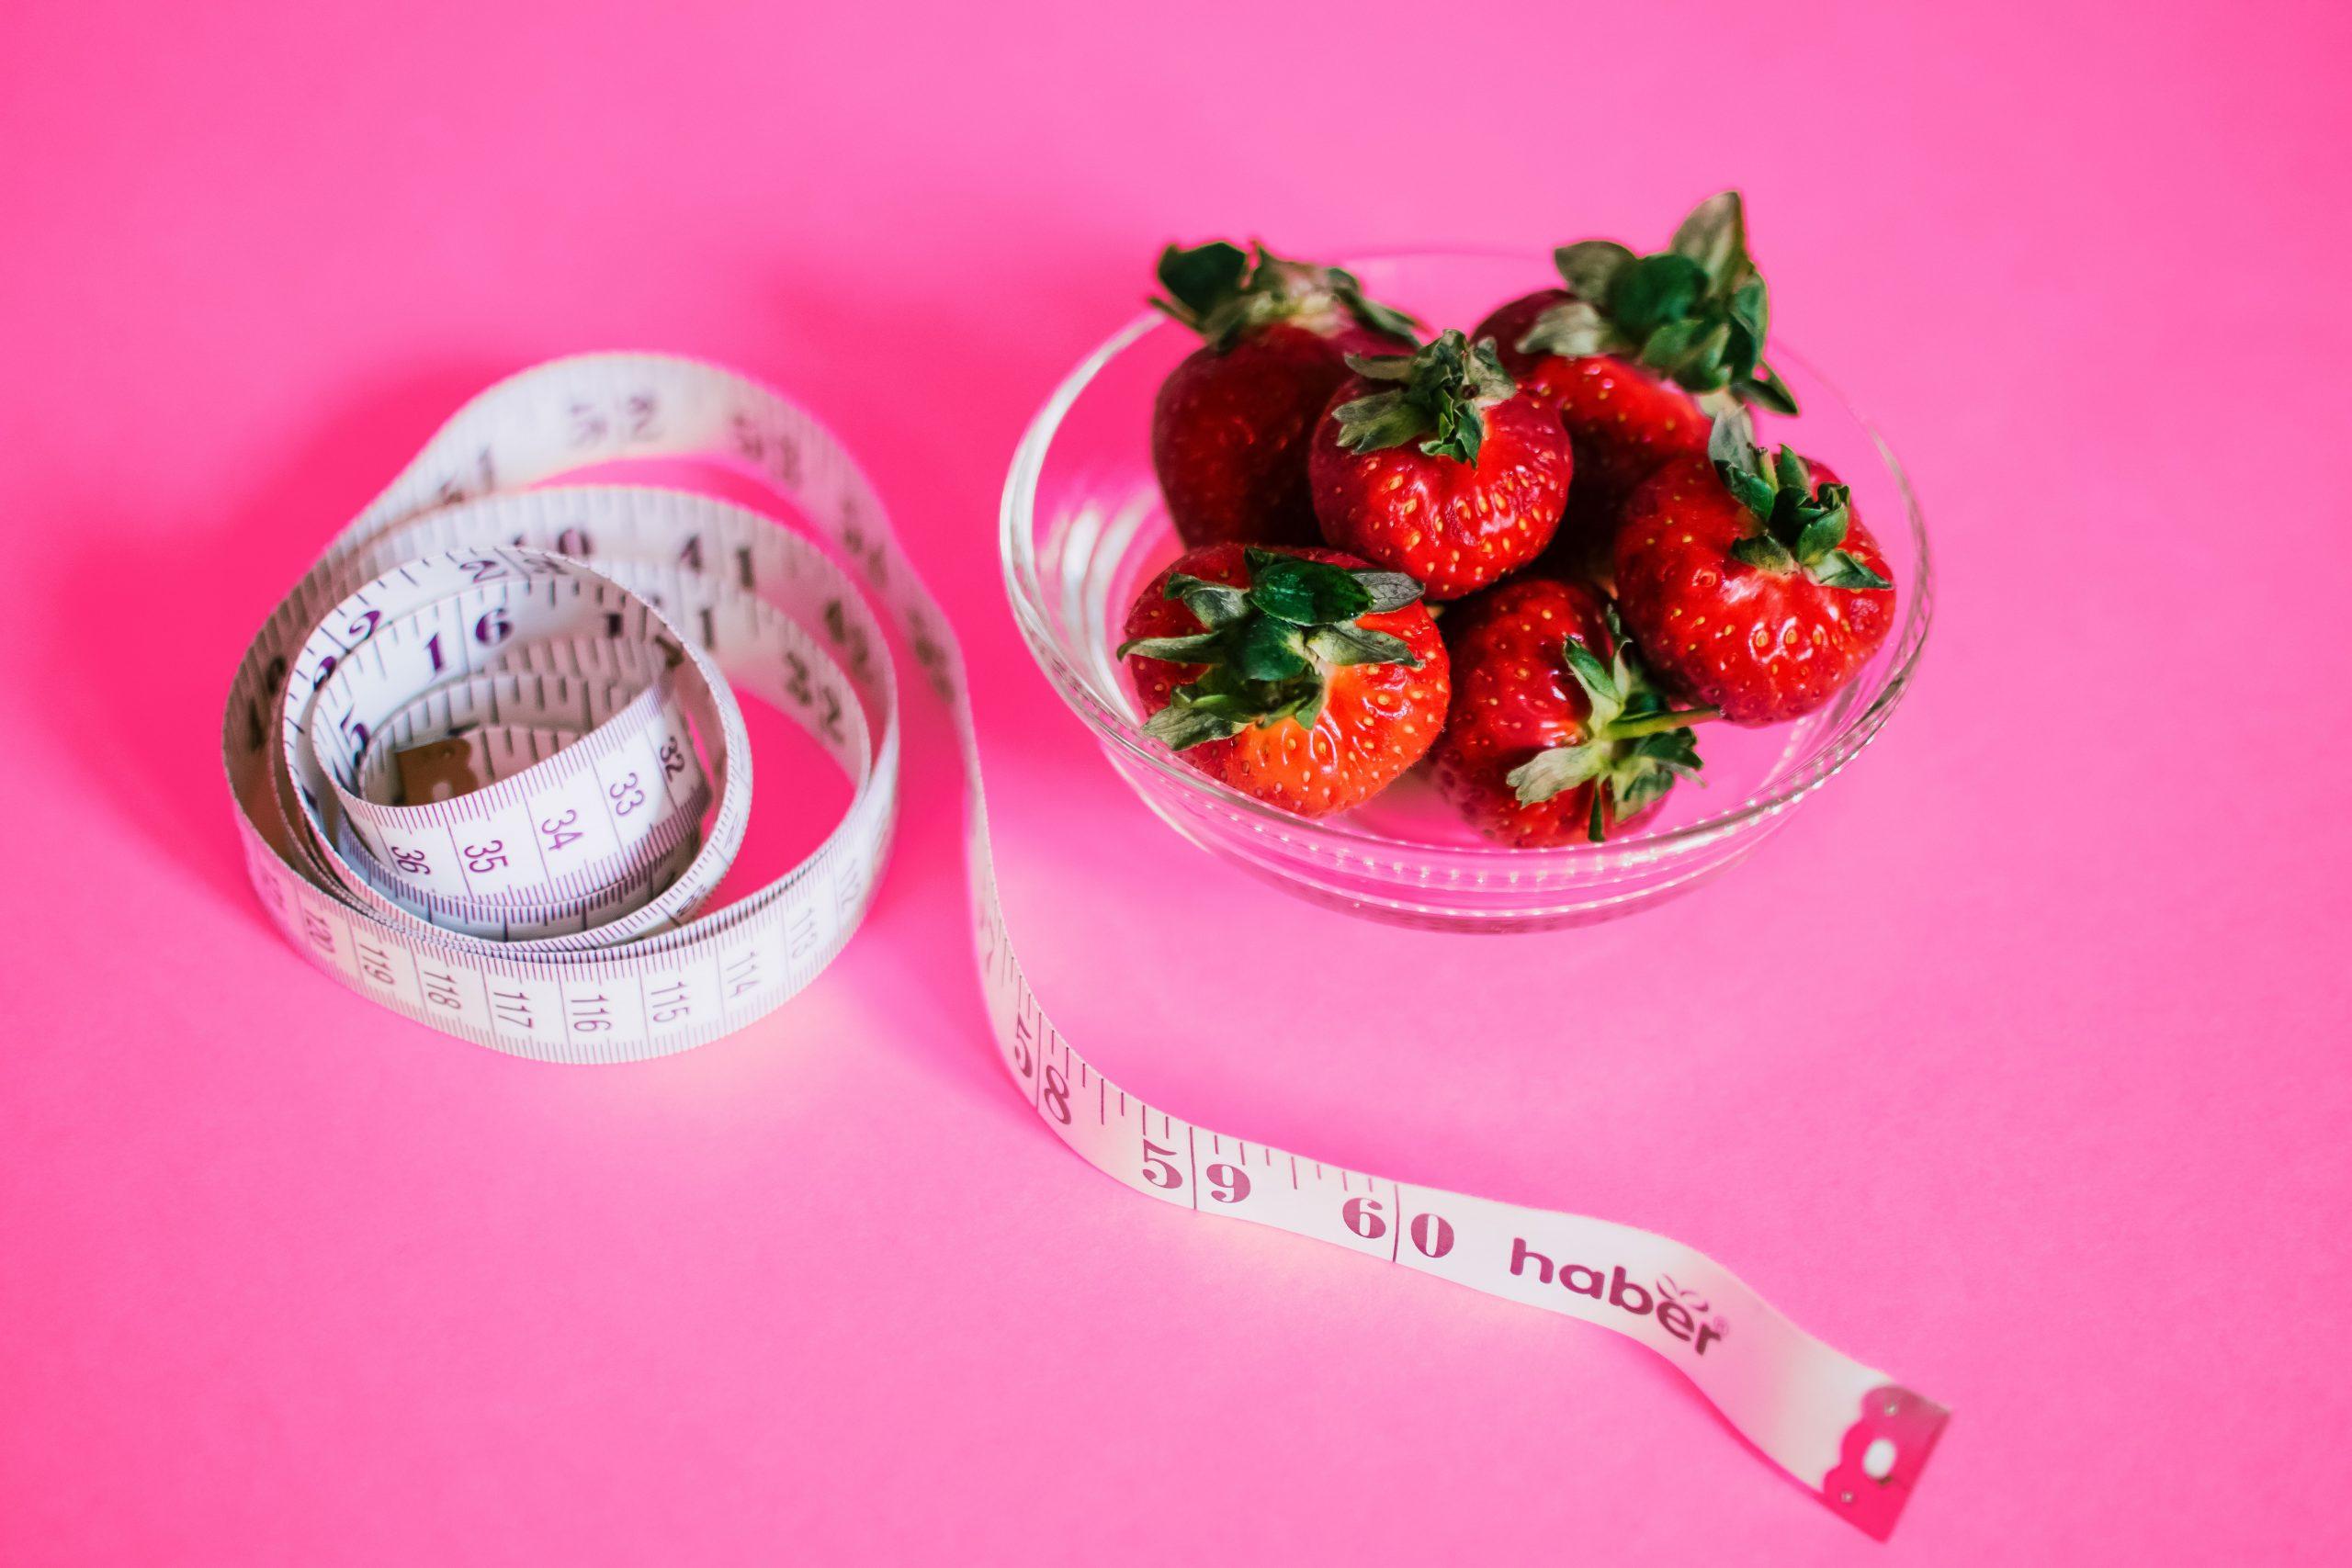 ¿Cómo establecer propósitos nutricionales reales y alcanzables?